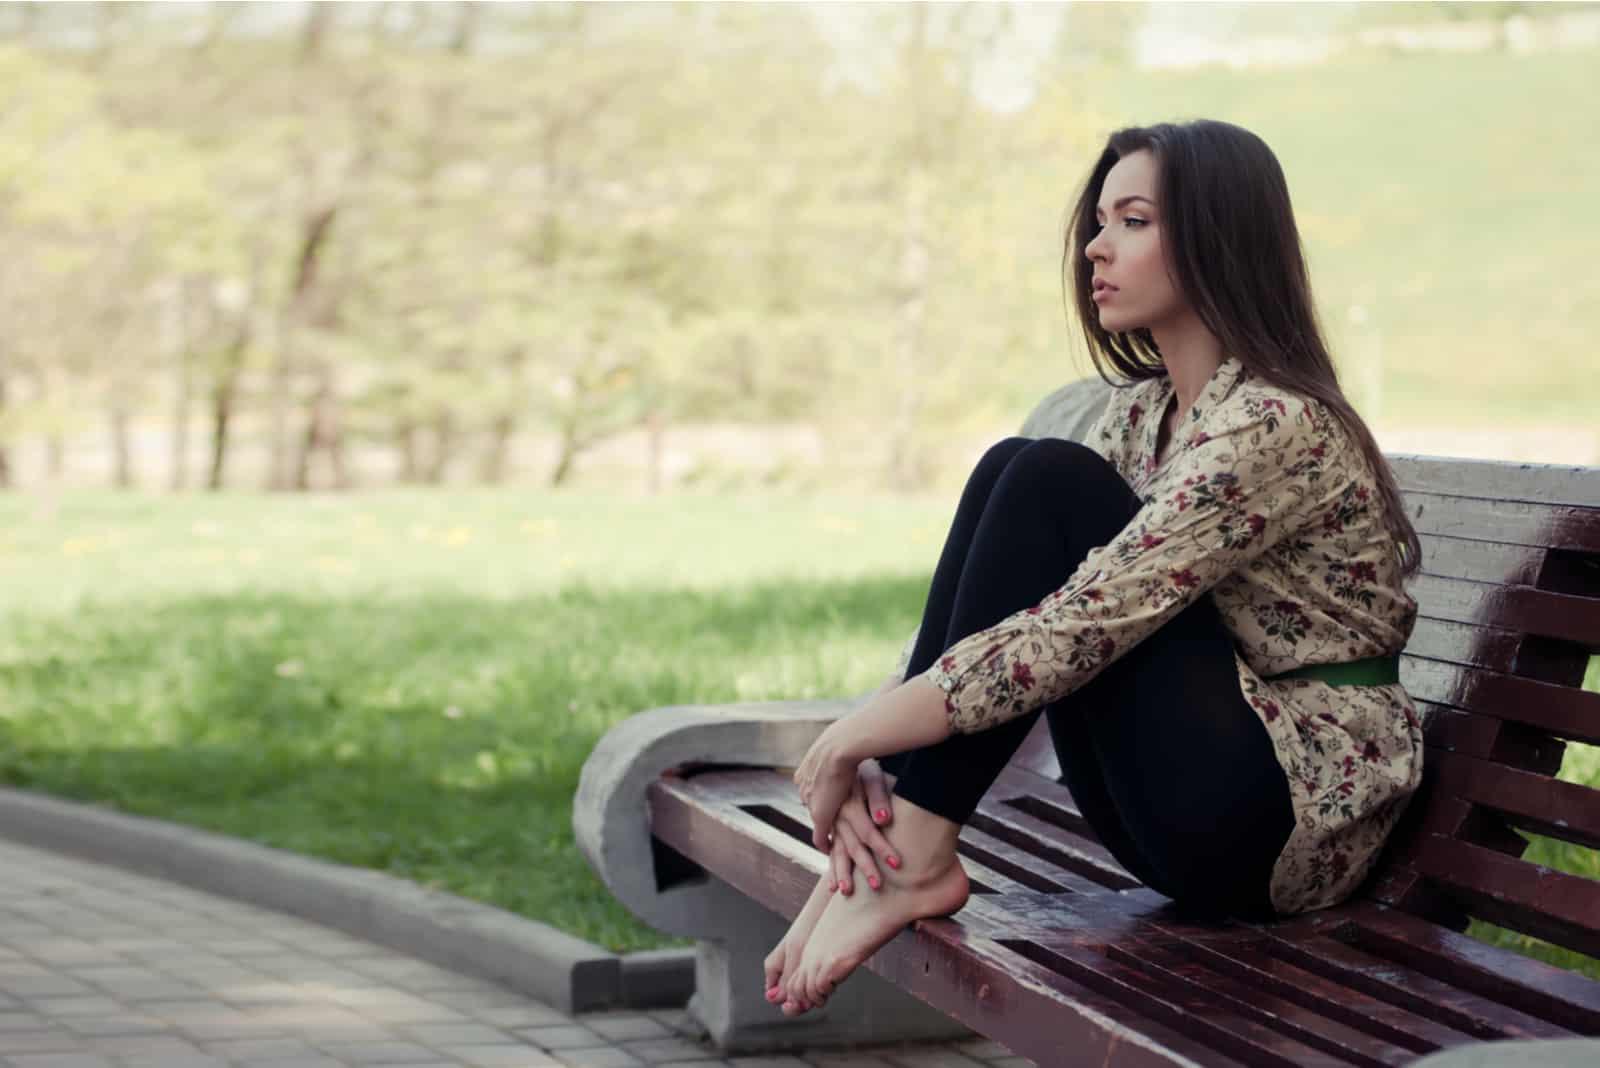 flicka sitter på bänken